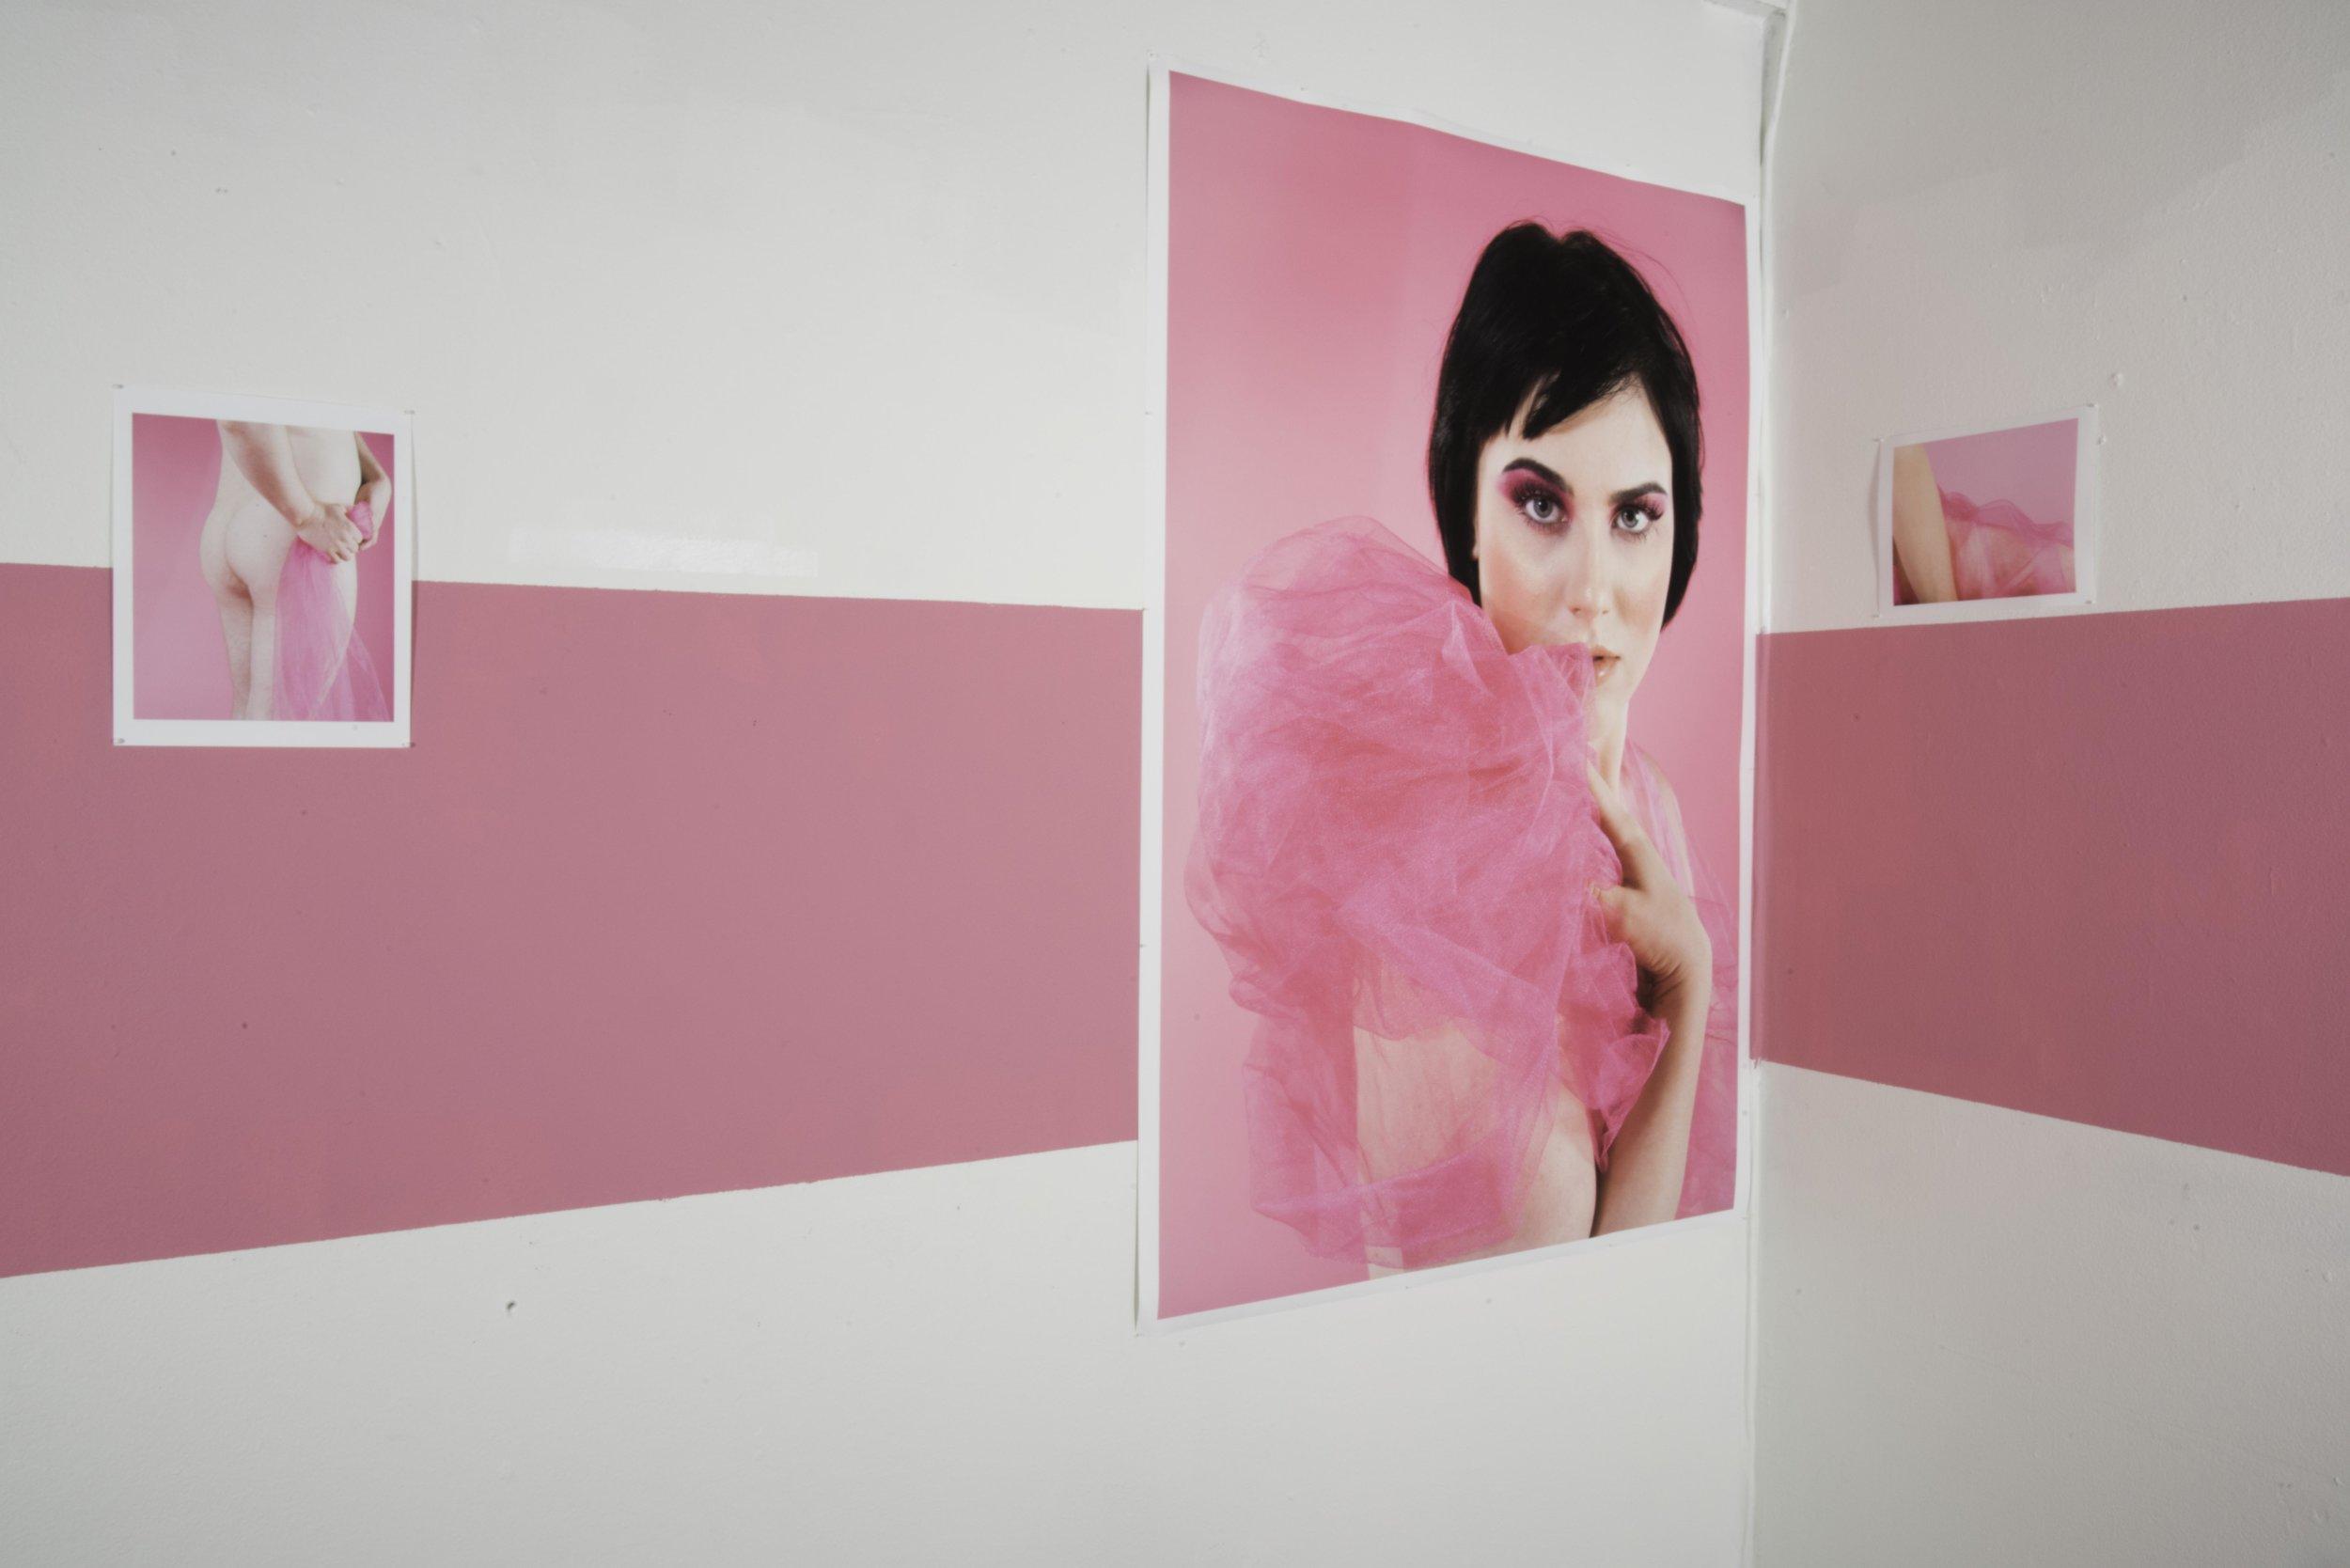 pinkinstall4.jpg